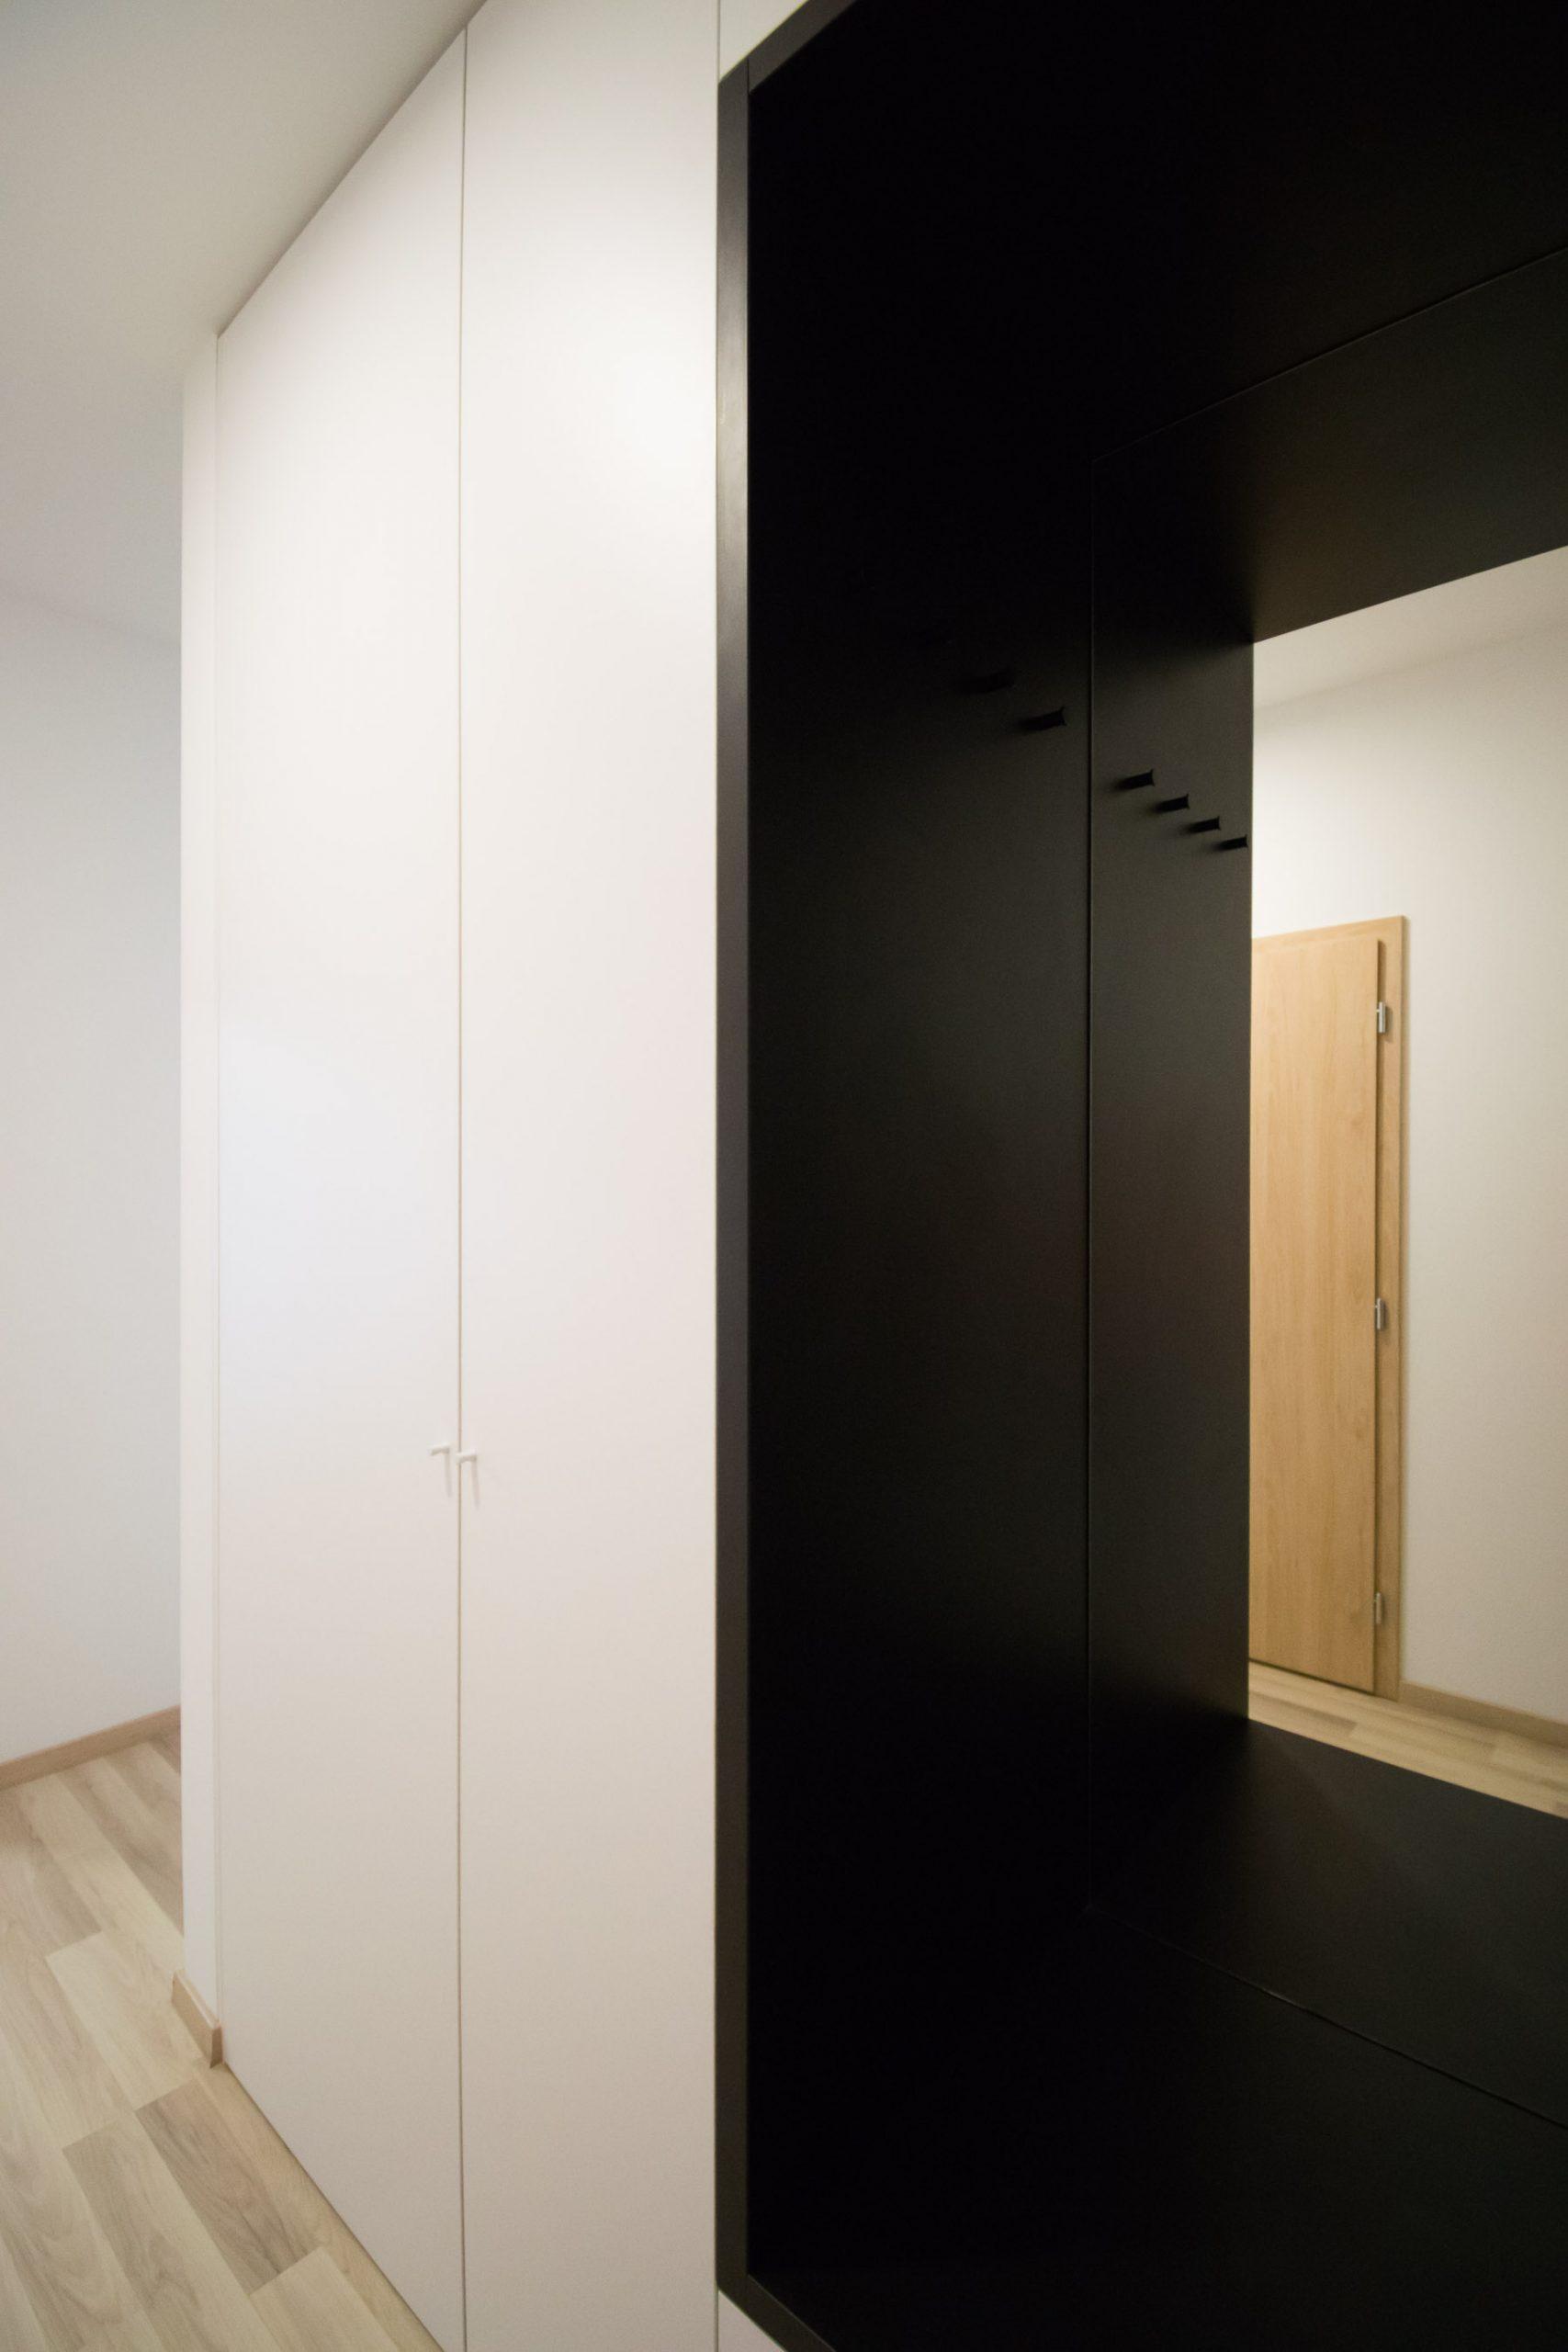 Interiér nájomného bytu, Bratislava, vstup, VAUarchitects